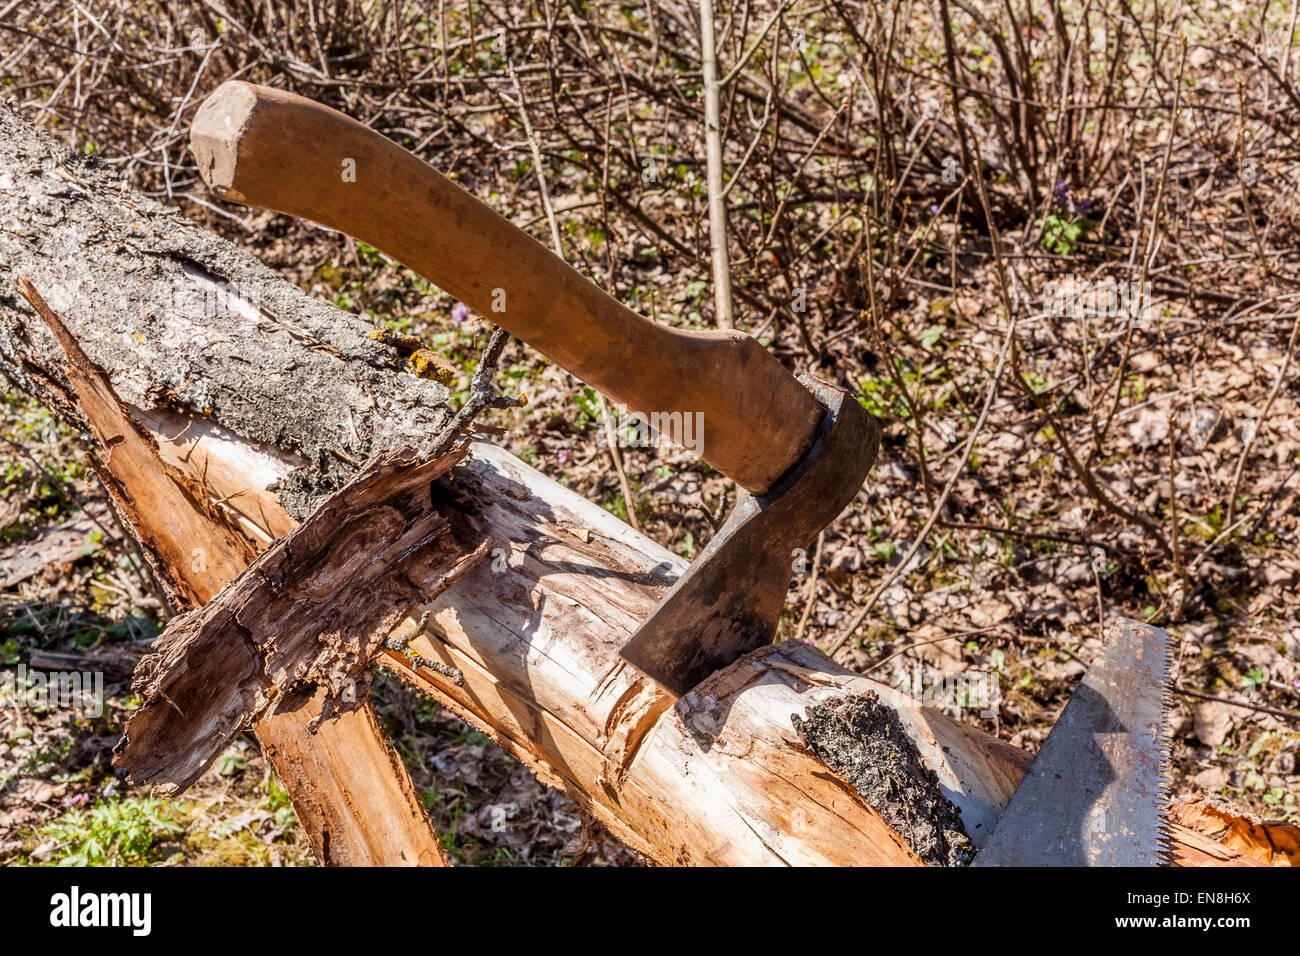 La cabine de l'ancien arbre desséché dans un jardin au moyen d'une hache et une scie Photo Stock